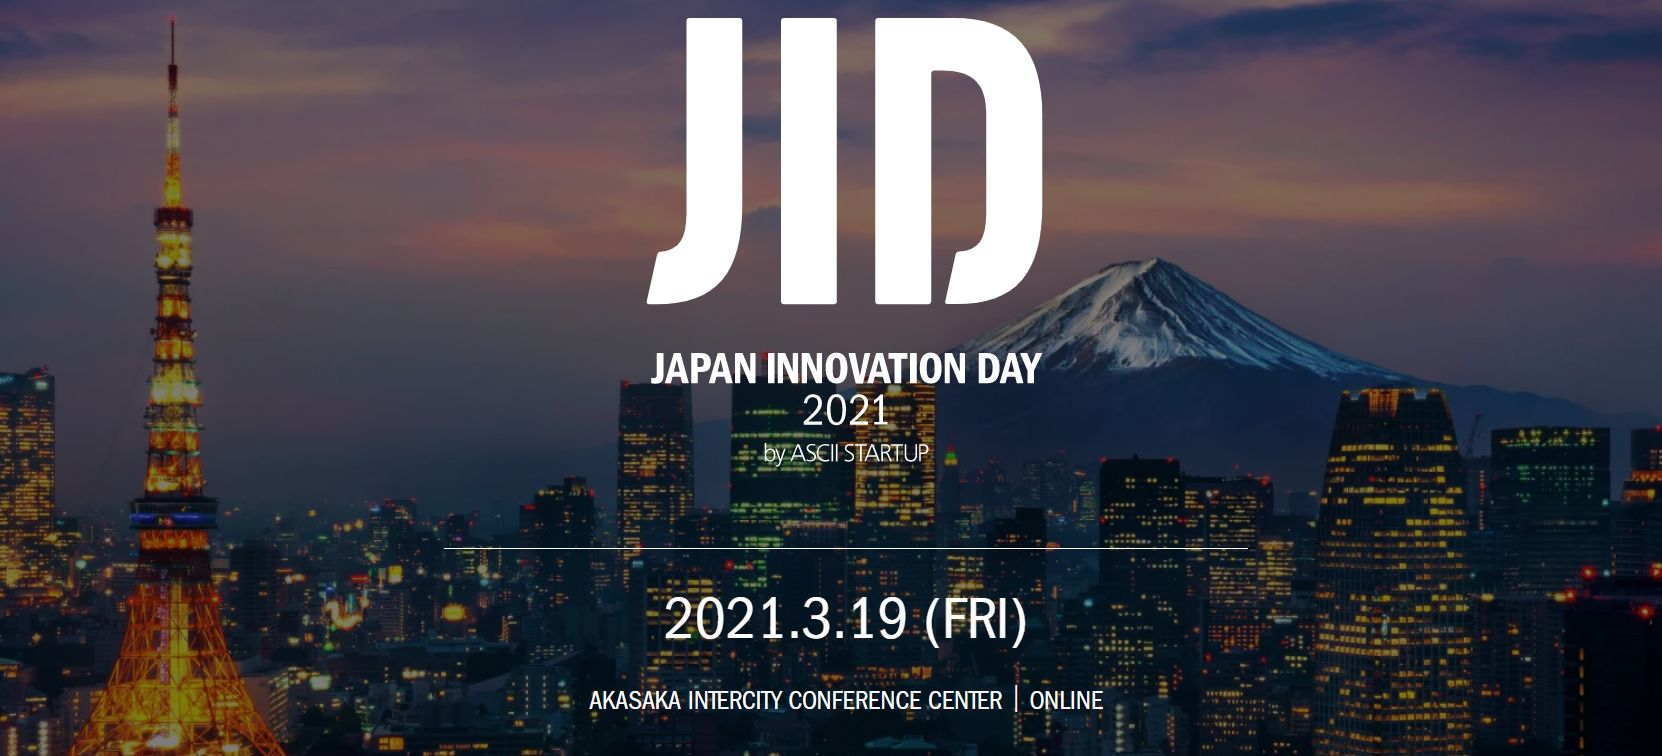 日本の未来を変える先端テクノロジーとは?「JAPAN INNOVATION DAY 2021」